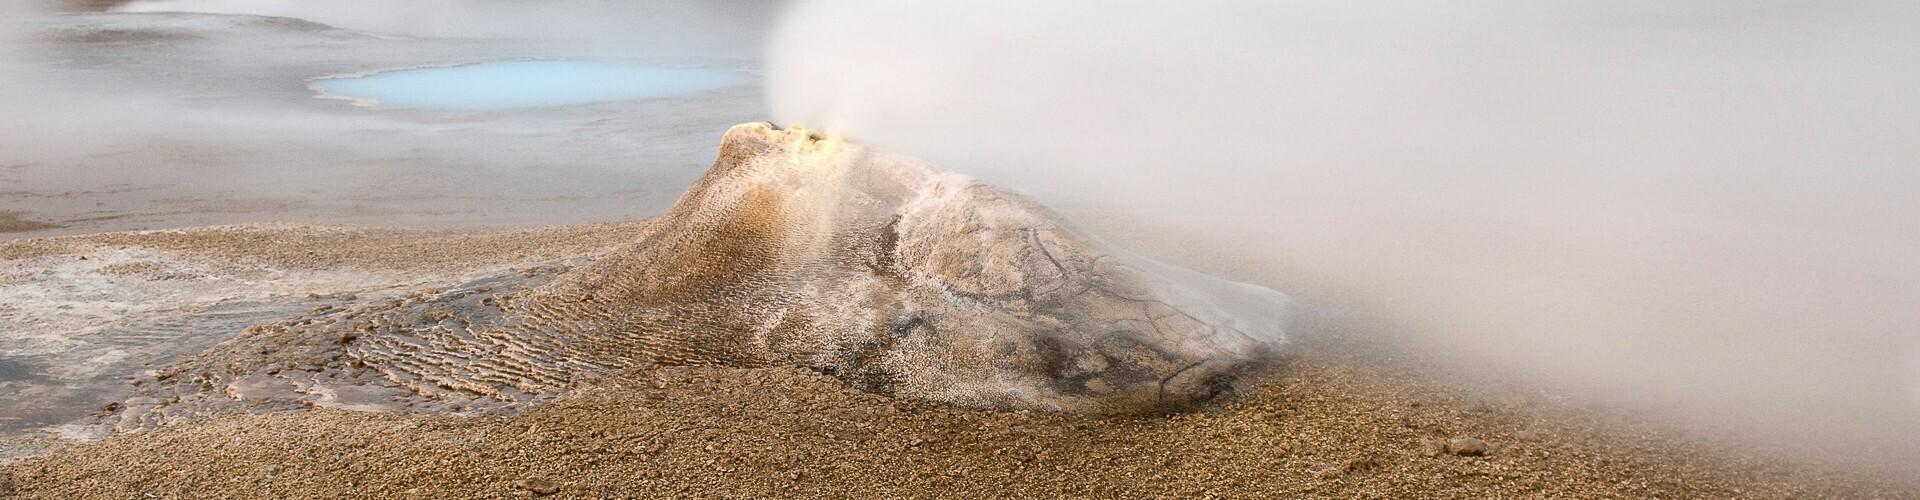 voyage photo islande nord greg gerault header